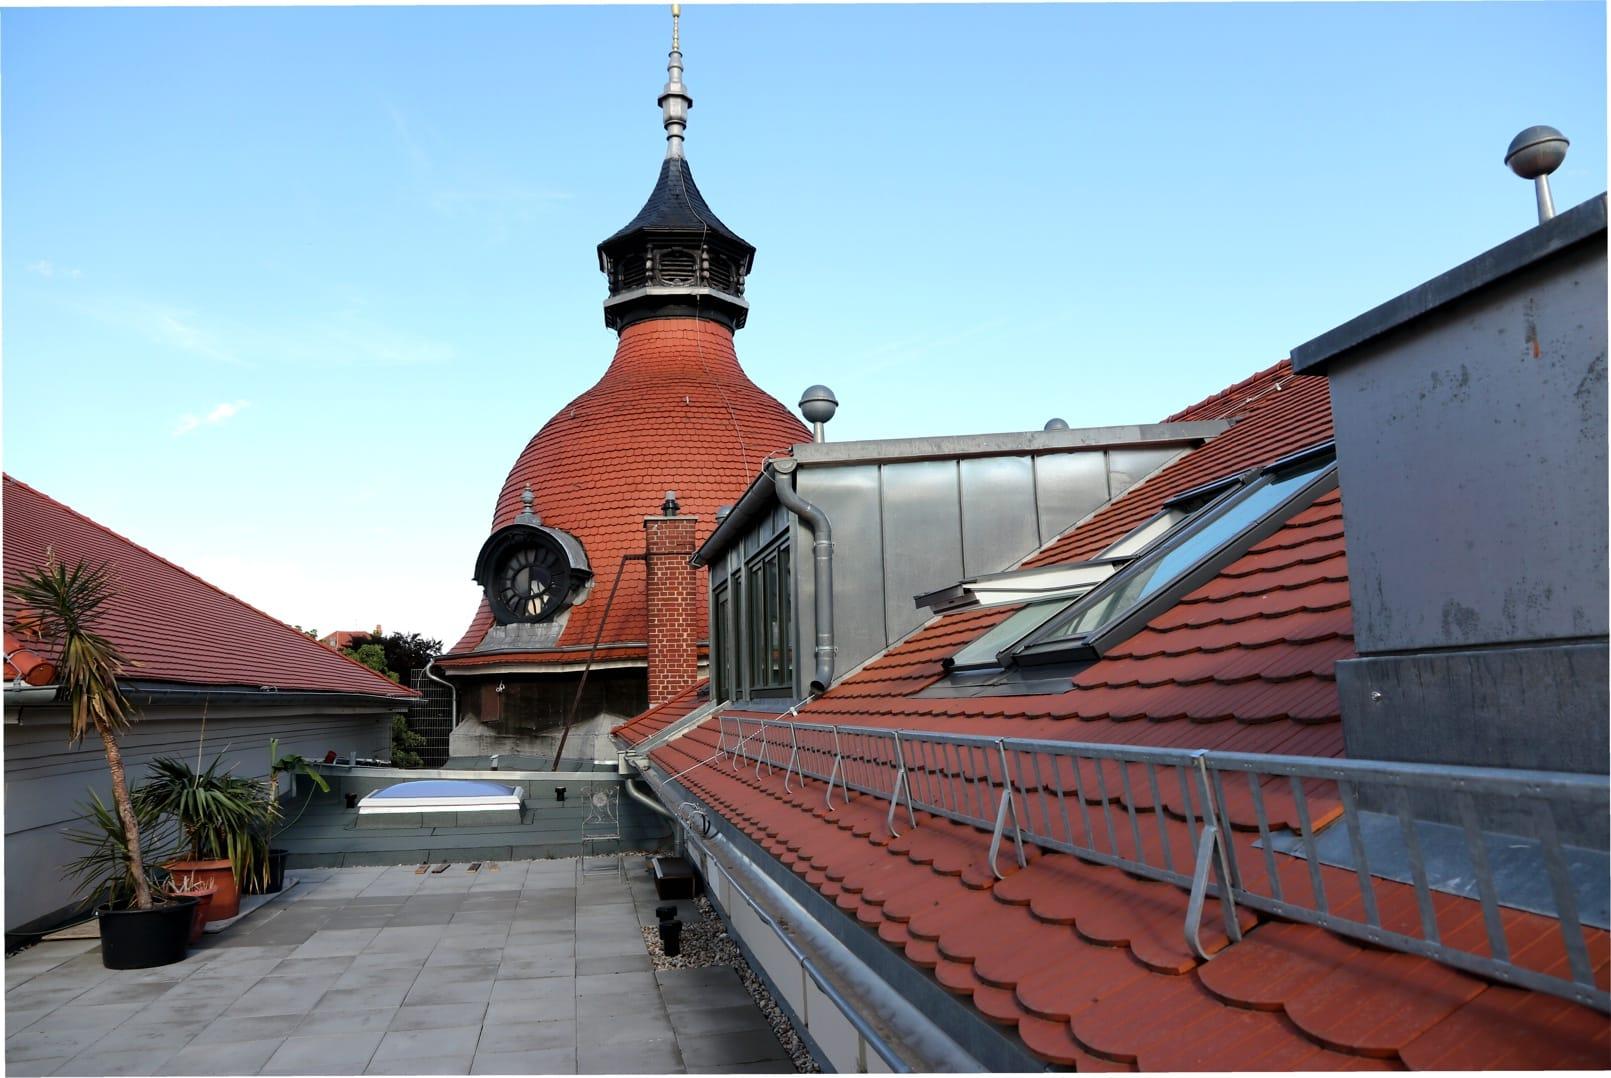 Auf dem Dach des Felsenkellers mit der stilprägenden Kuppel. Foto: LZ